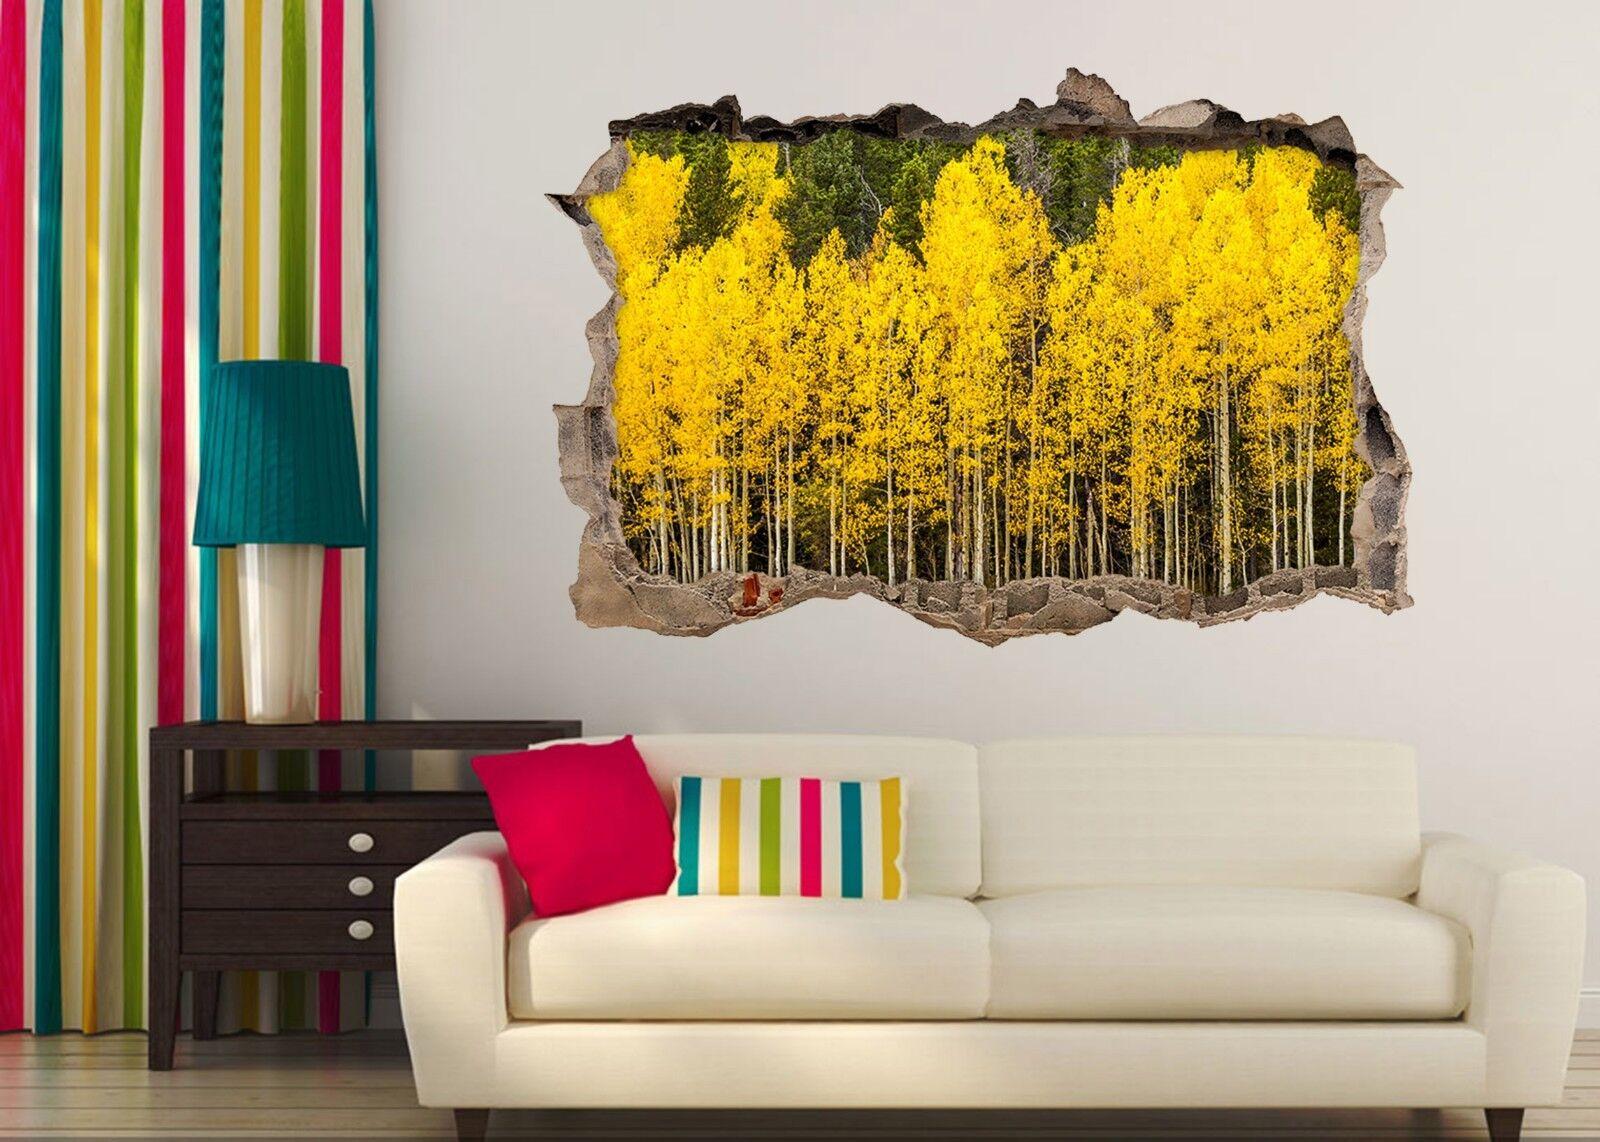 3D Gelbe Bäume 205 Mauer Murals Mauer Aufklebe Decal Durchbruch AJ WALLPAPER DE